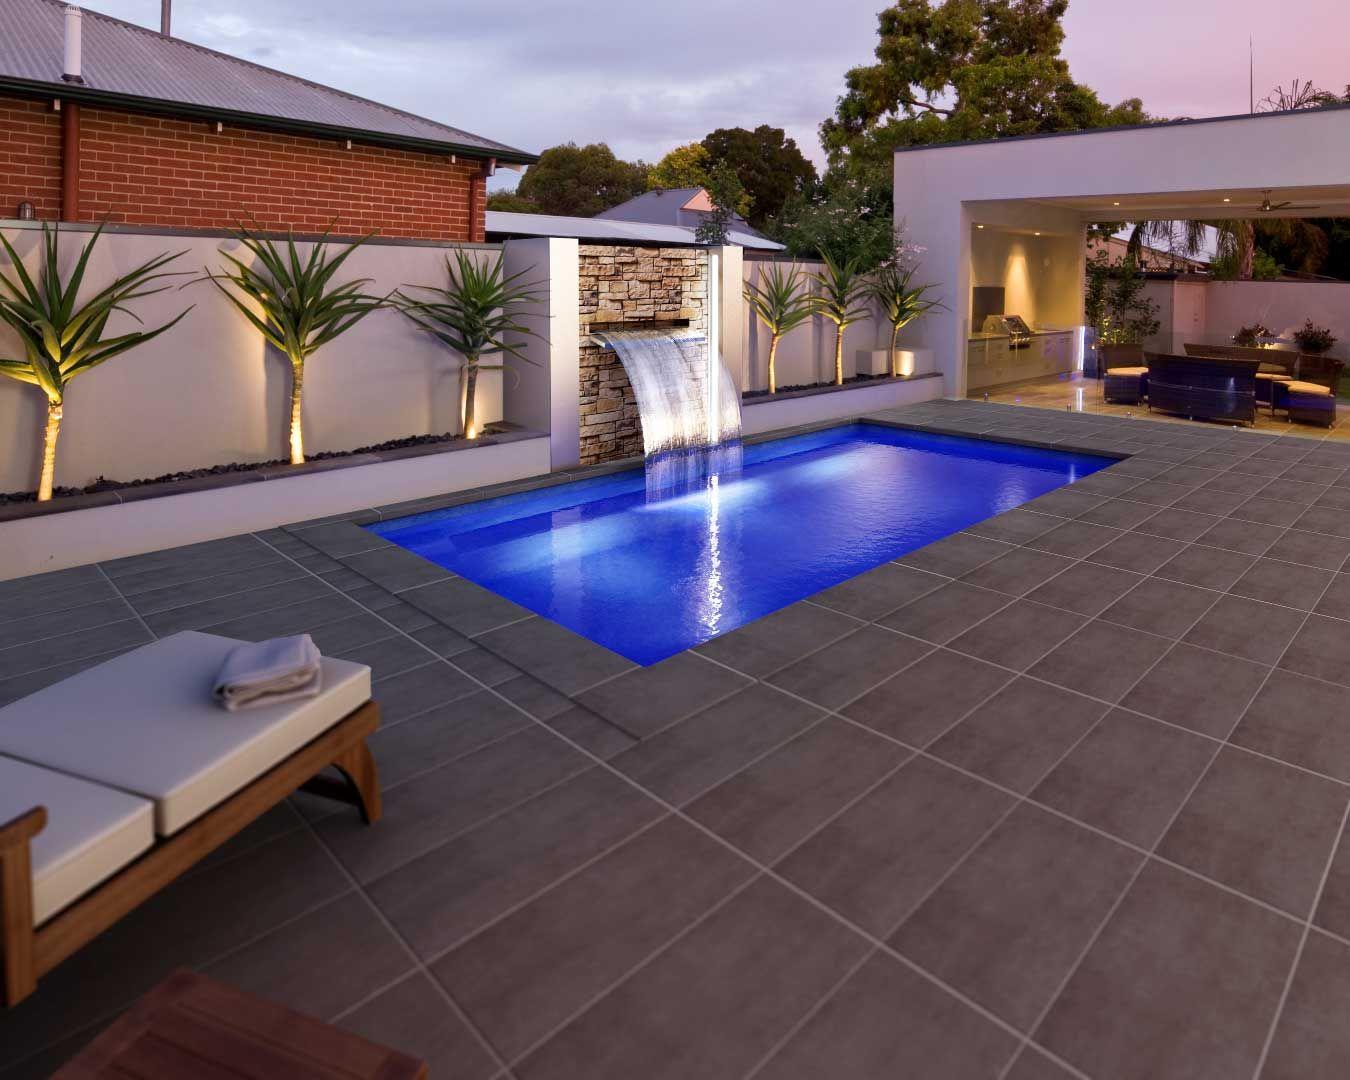 Lappools Swimmingpools Freedompools Http Www Freedompools Com Fibreglass Pools Lap Pools Pool Houses Swimming Pools Cool Swimming Pools